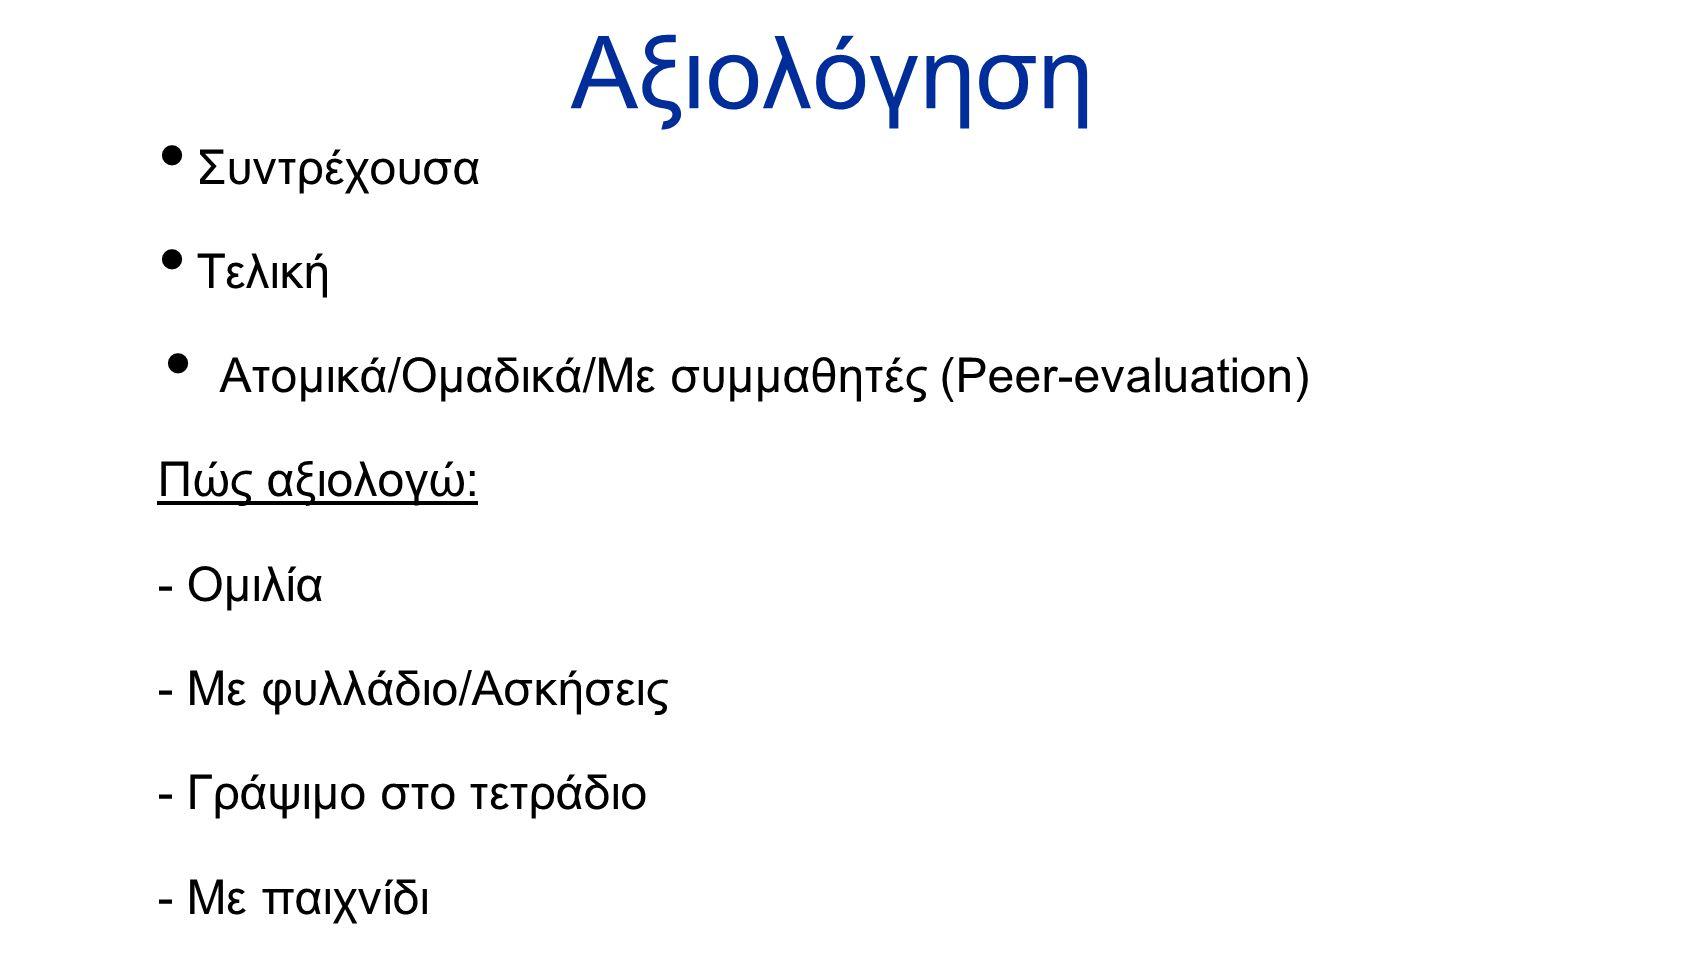 Αξιολόγηση Συντρέχουσα Τελική Ατομικά/Ομαδικά/Με συμμαθητές (Peer-evaluation) Πώς αξιολογώ: - Ομιλία - Με φυλλάδιο/Ασκήσεις - Γράψιμο στο τετράδιο - Μ